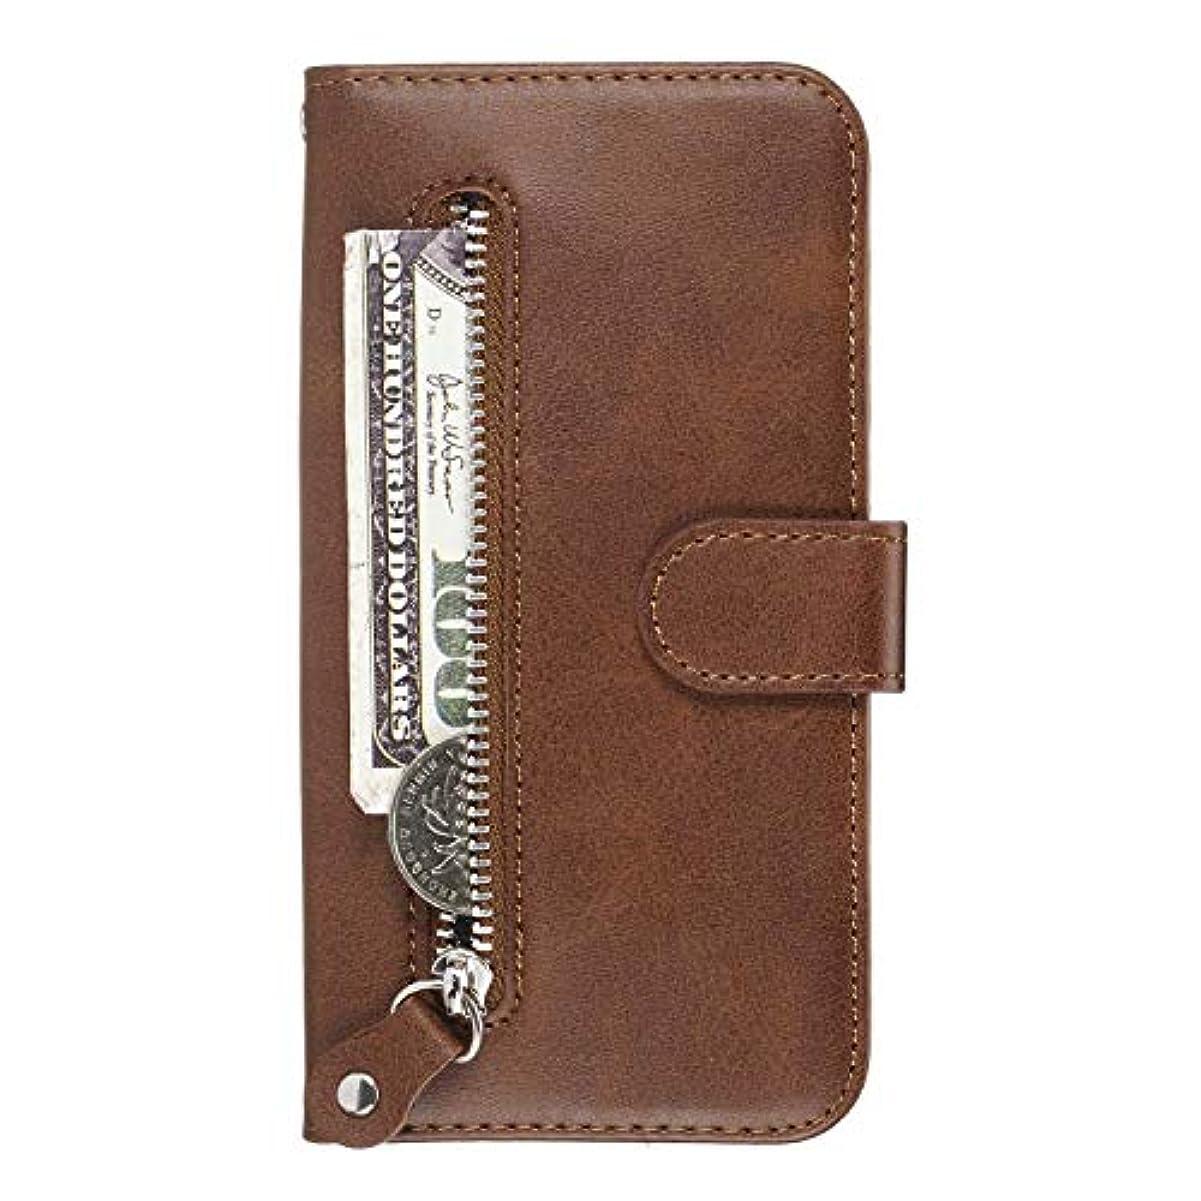 エンゲージメントスキー傾向がありますOMATENTI Galaxy M20 ケース, 軽量 PUレザー 薄型 簡約風 人気カバー バックケース Galaxy M20 用 Case Cover, 液晶保護 カード収納, 財布とコインポケット付き, 褐色